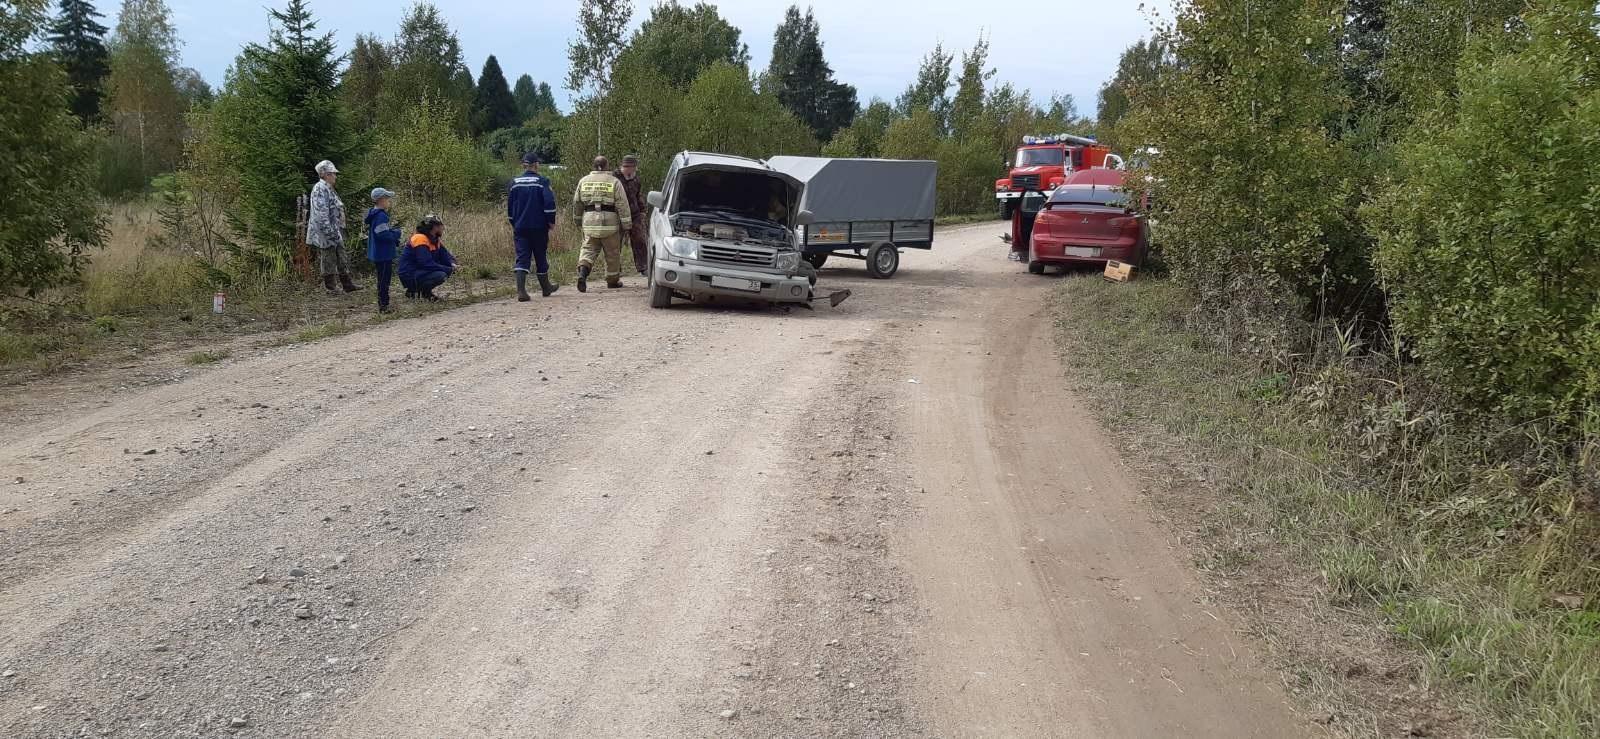 Двое взрослых и ребенок пострадали в ДТП в Шекснинском районе